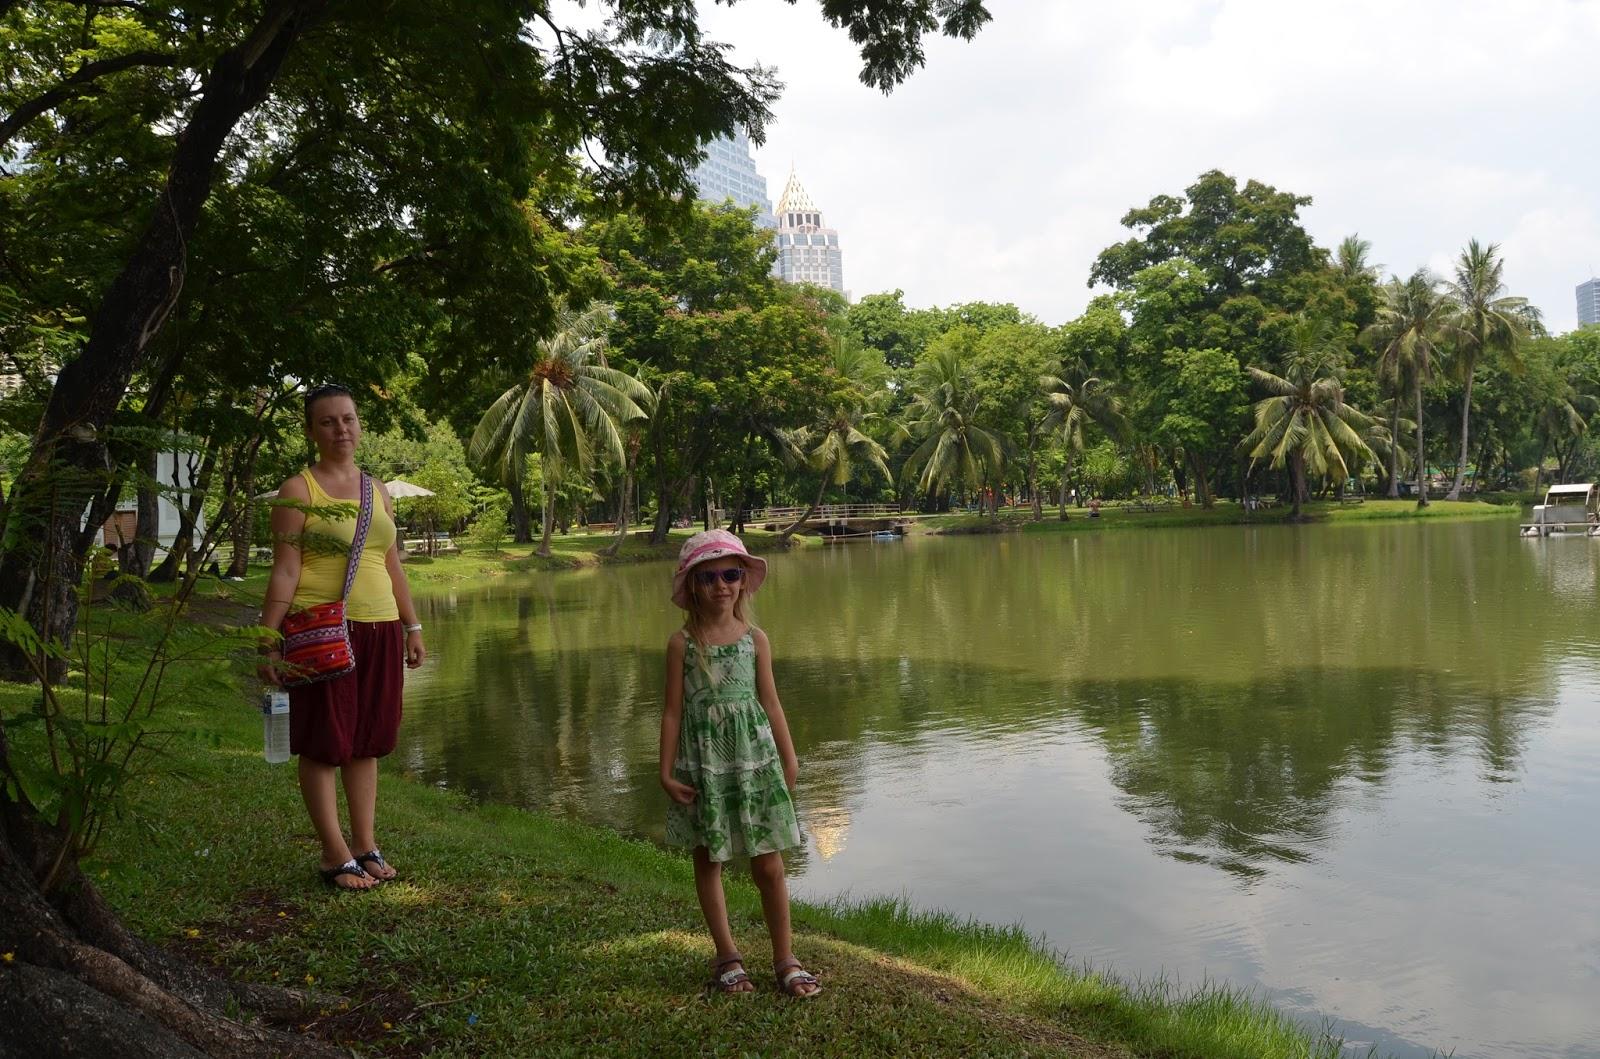 Согласилась в парке за деньги 4 фотография